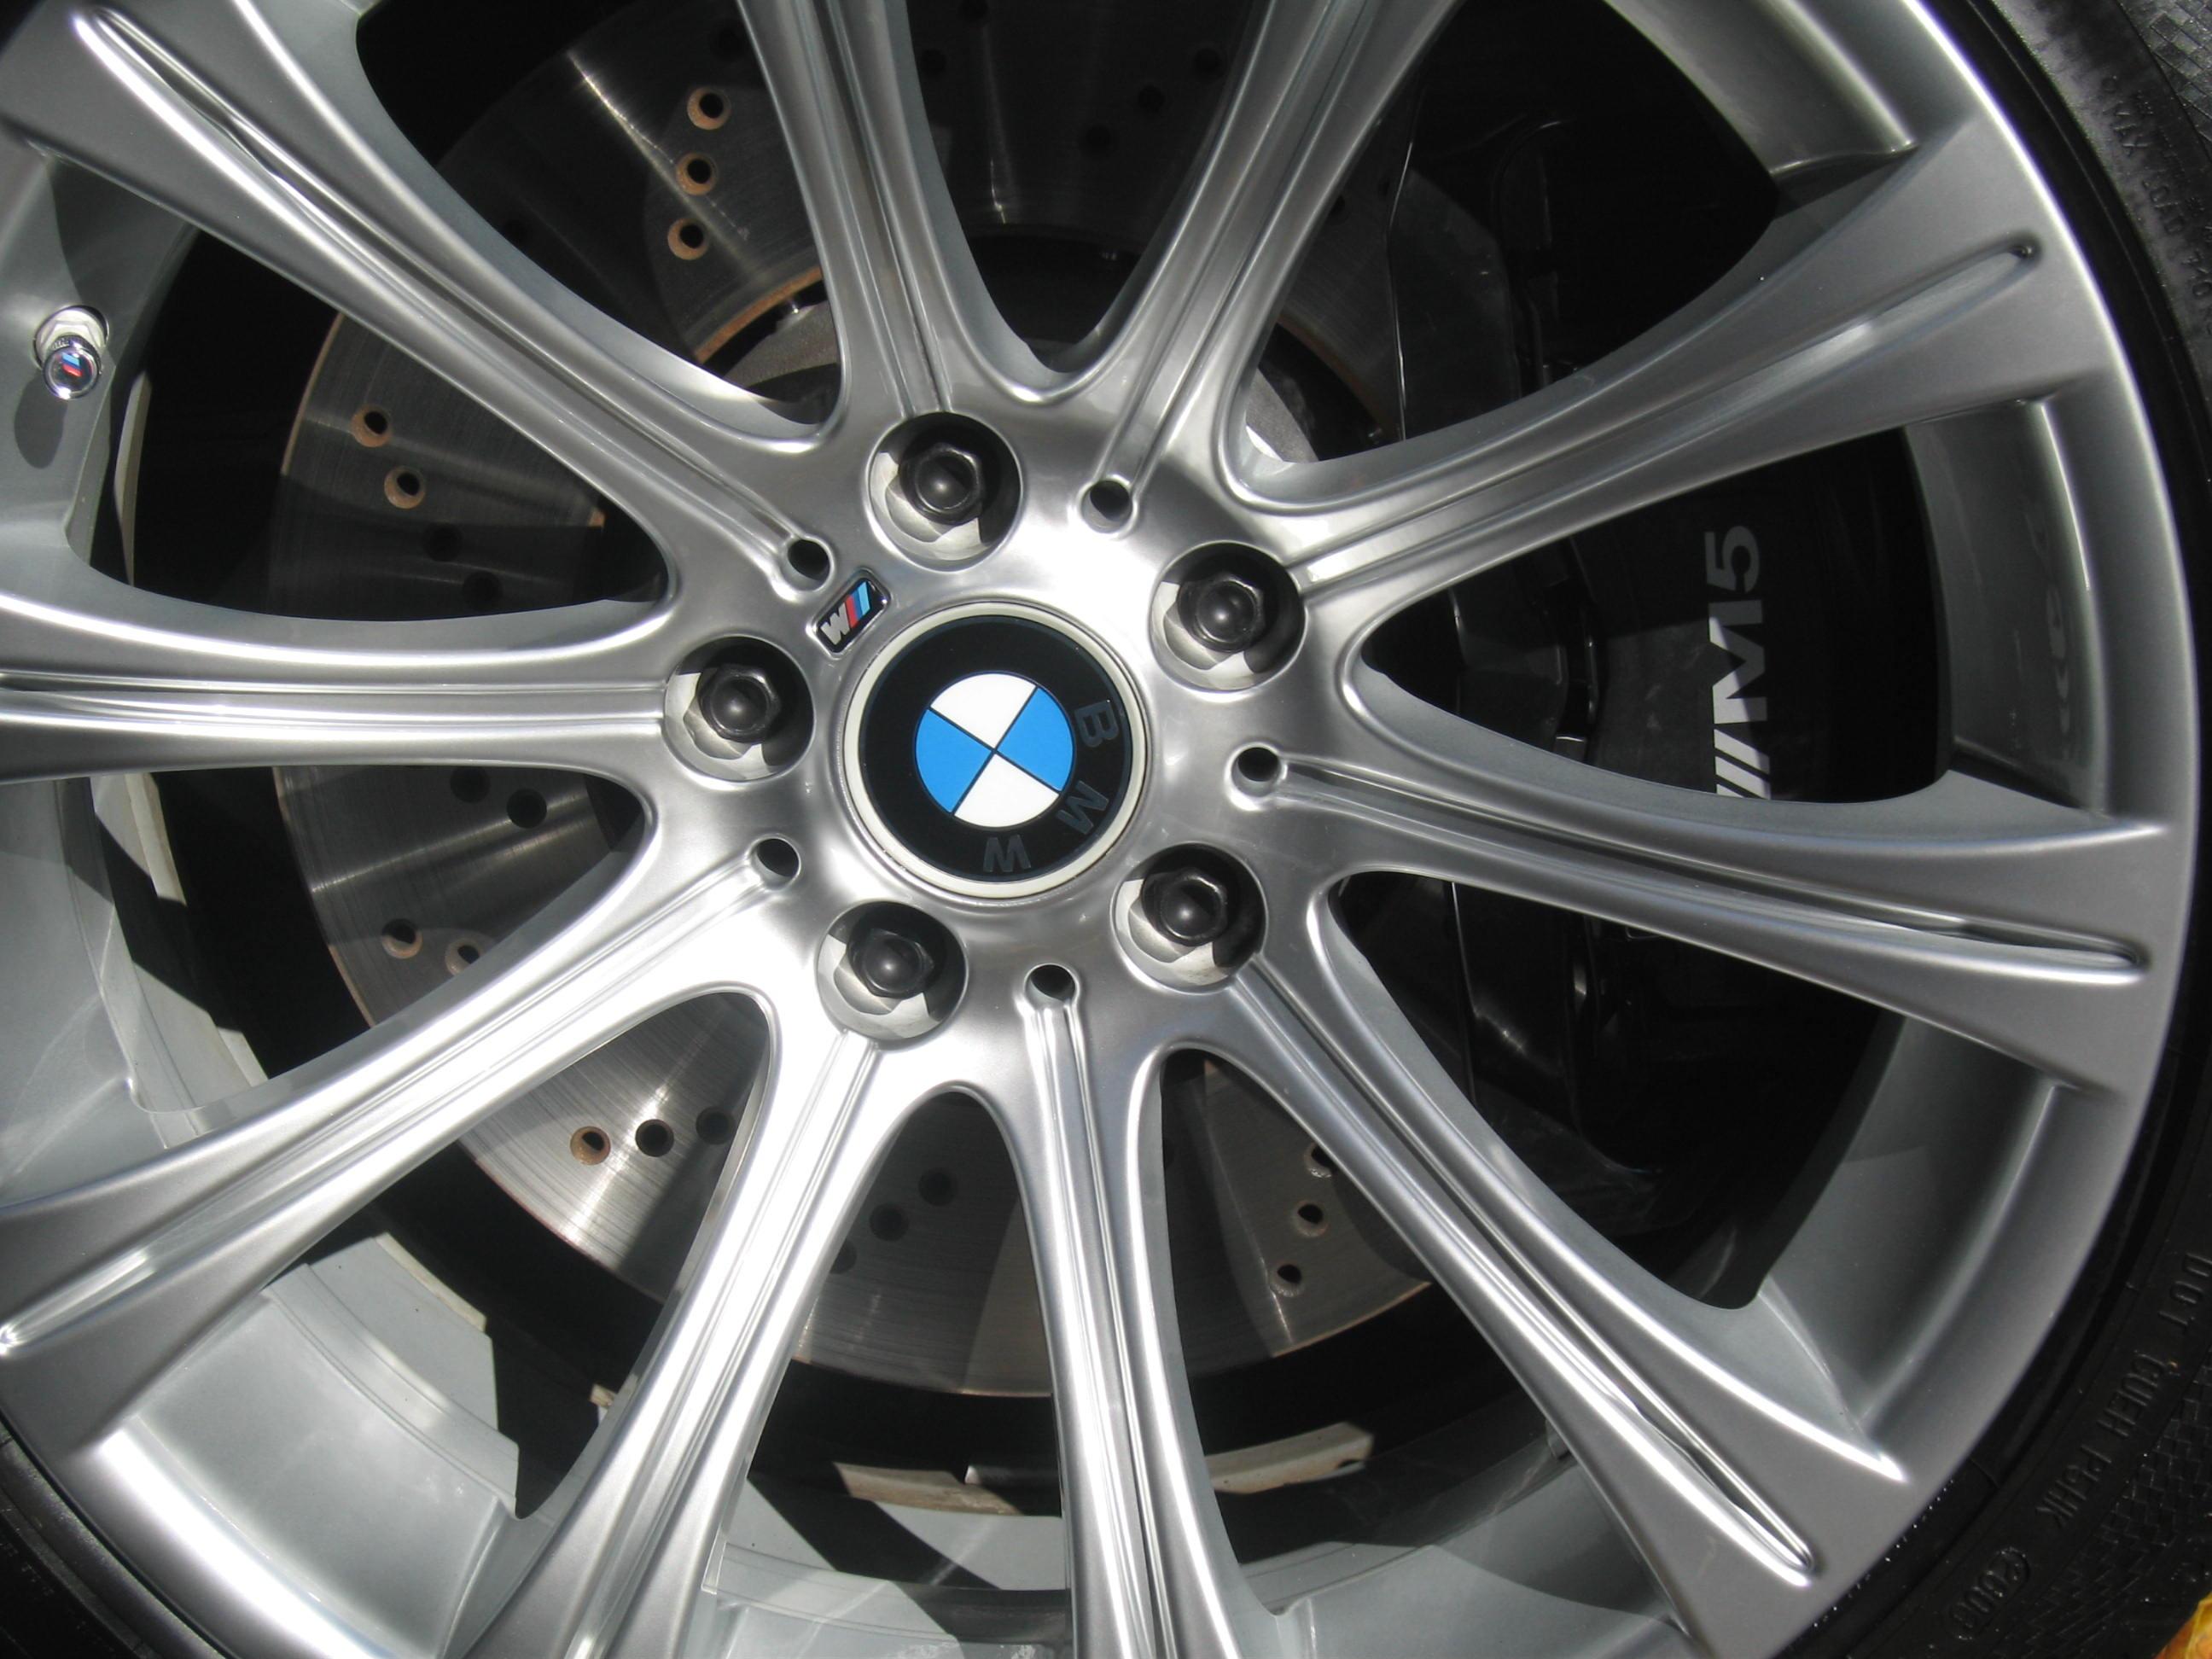 M Brake Caliper Decals Installed BMW M Forum And M Forums - Bmw brake caliper decals